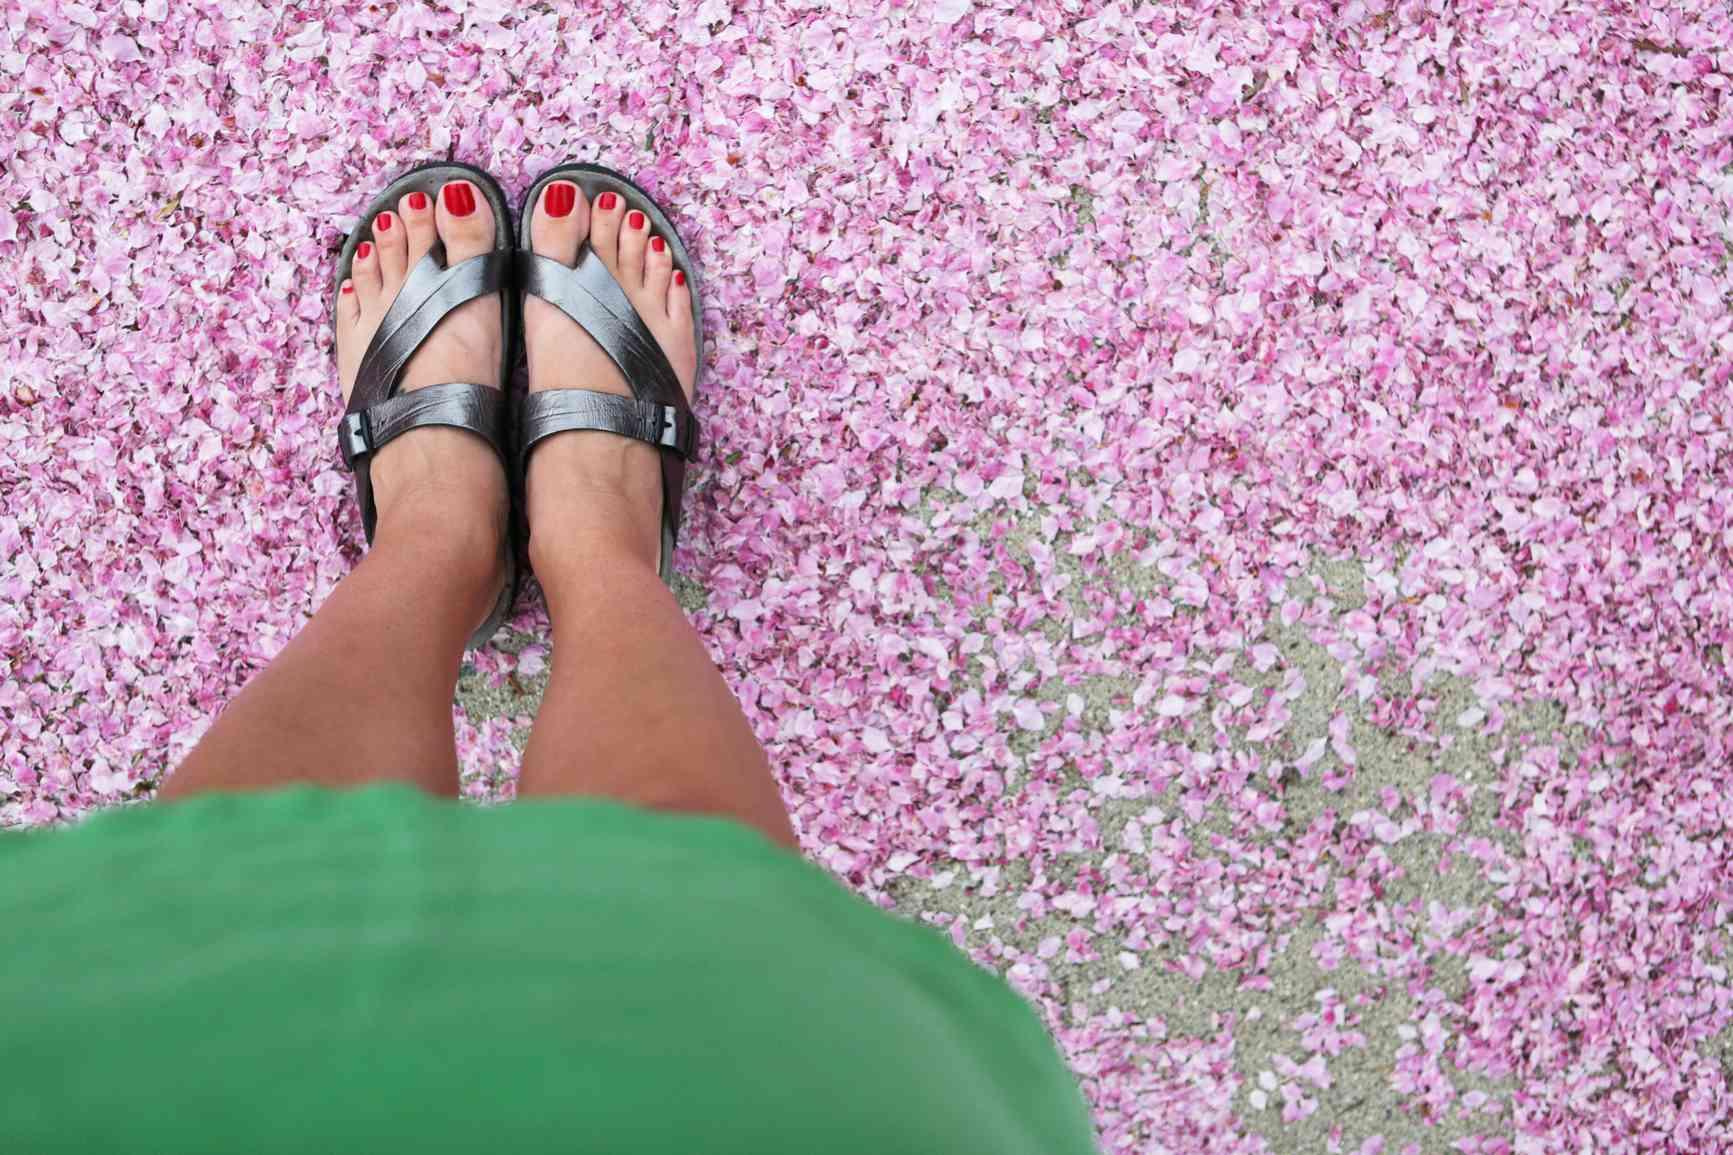 Woman's feet wearing sandals on light purple flower petals